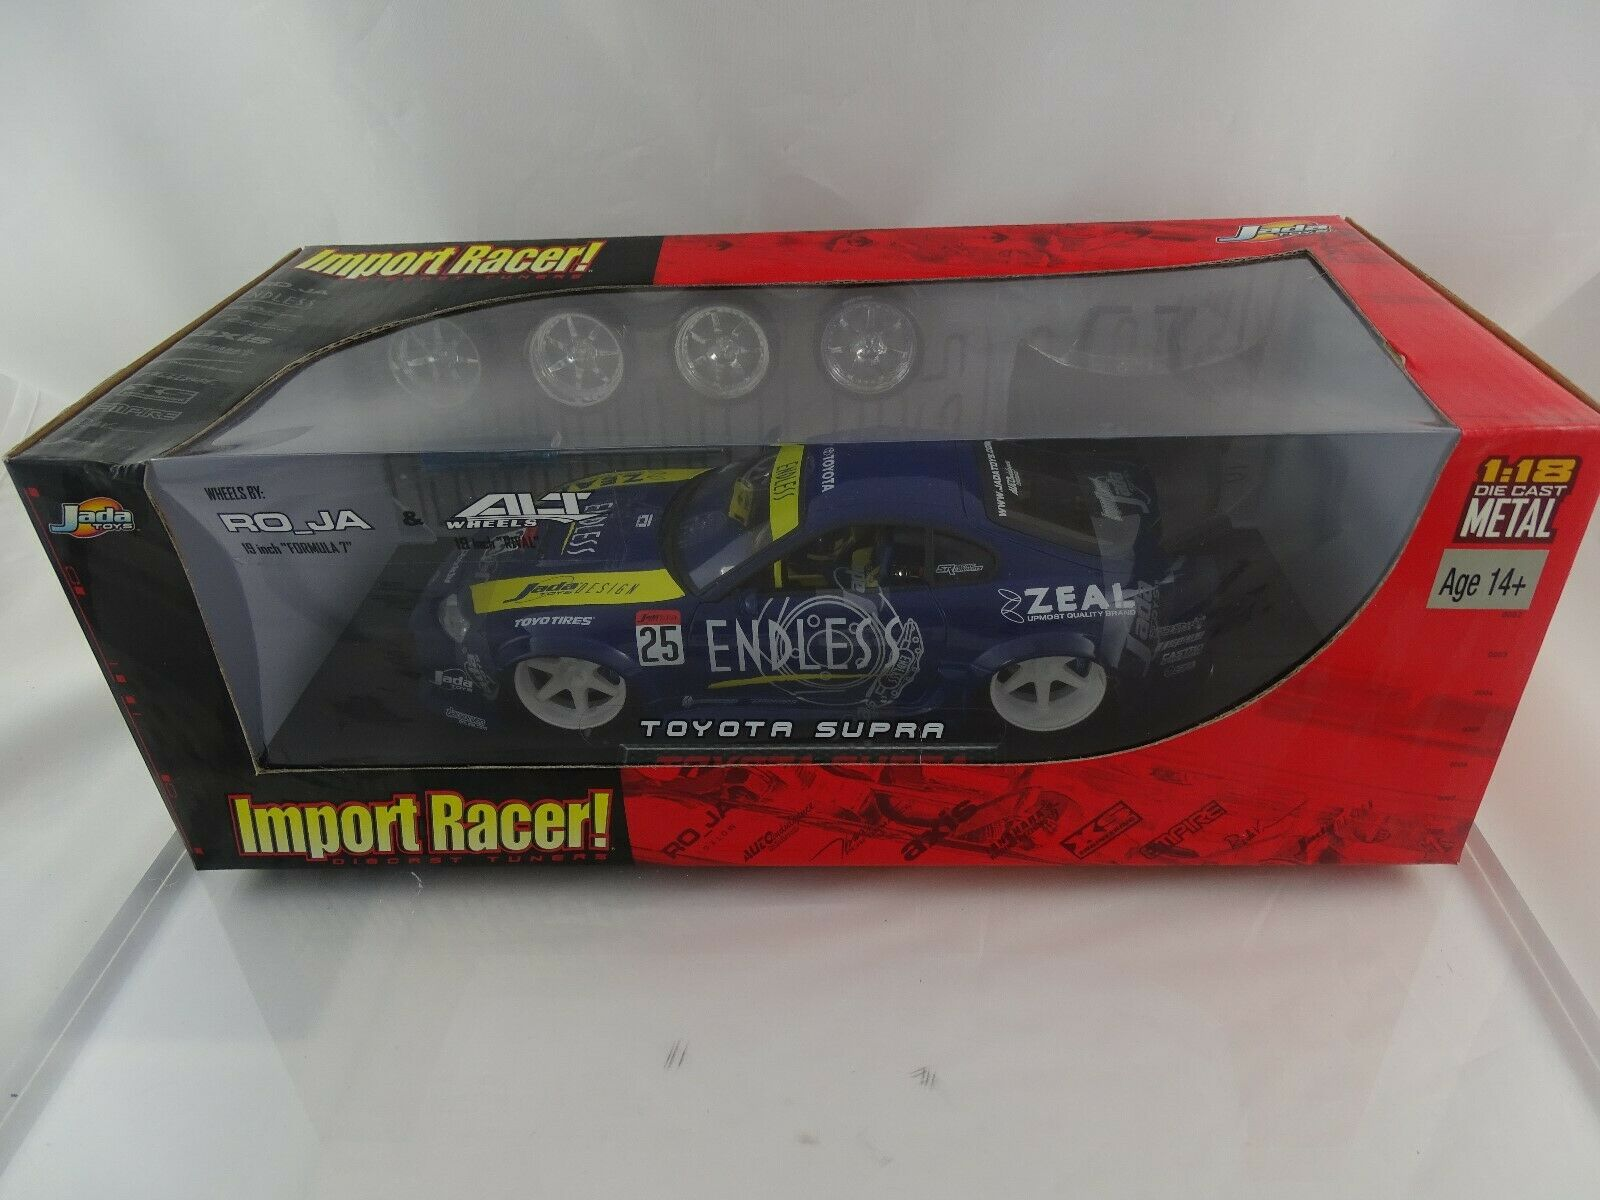 1 18  Jada Import Racer 345-0259 TOYOTA SUPRA Endless  25 + RemplaceHommest Roues Nouveau Neuf dans sa boîte  à vendre